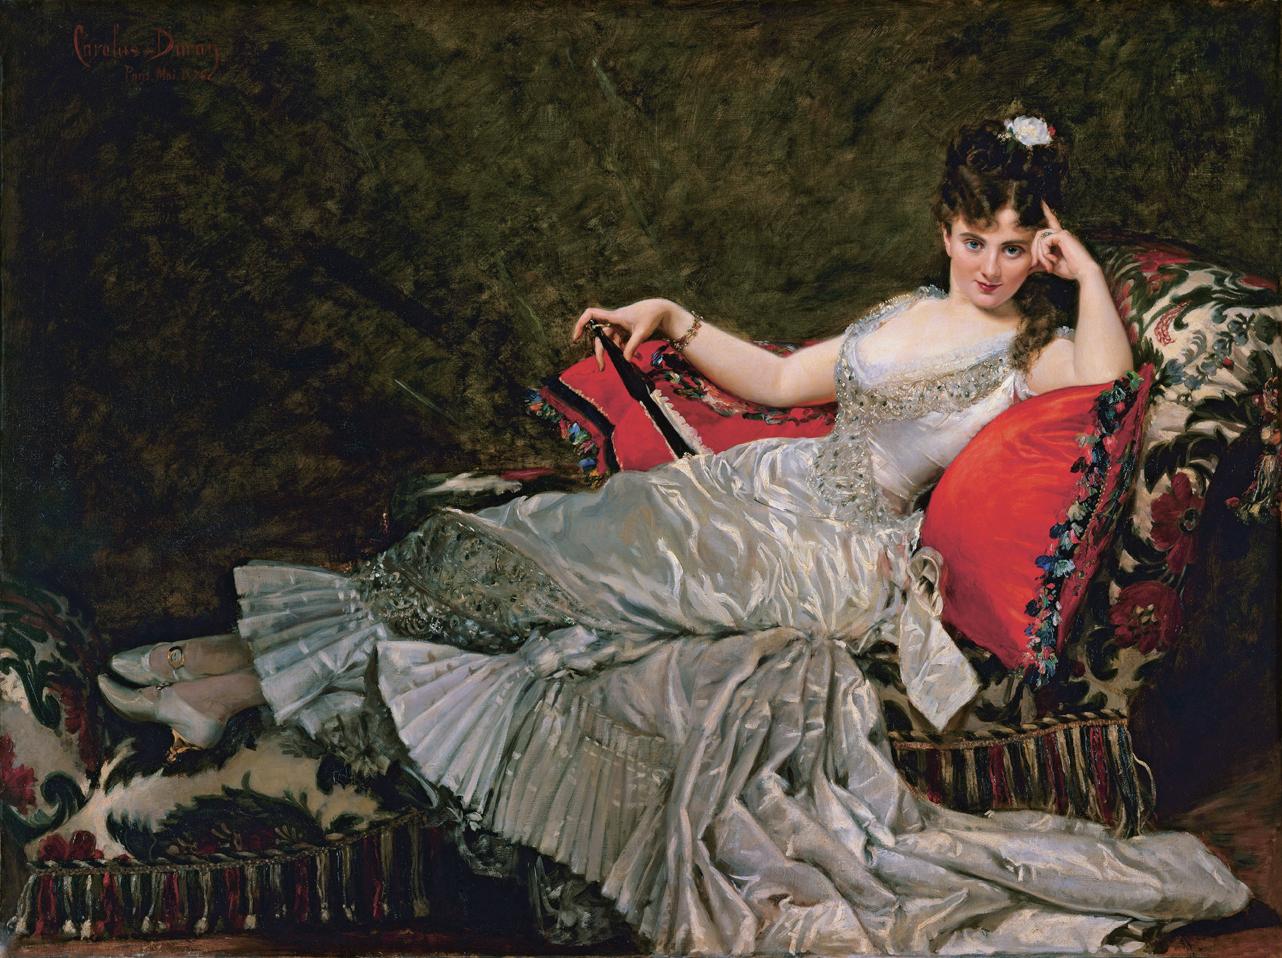 Carolus Dural, portret van Julia Tahl, 1876,Petit Palais,Musée de Beaux-Arts de la Ville de Paris